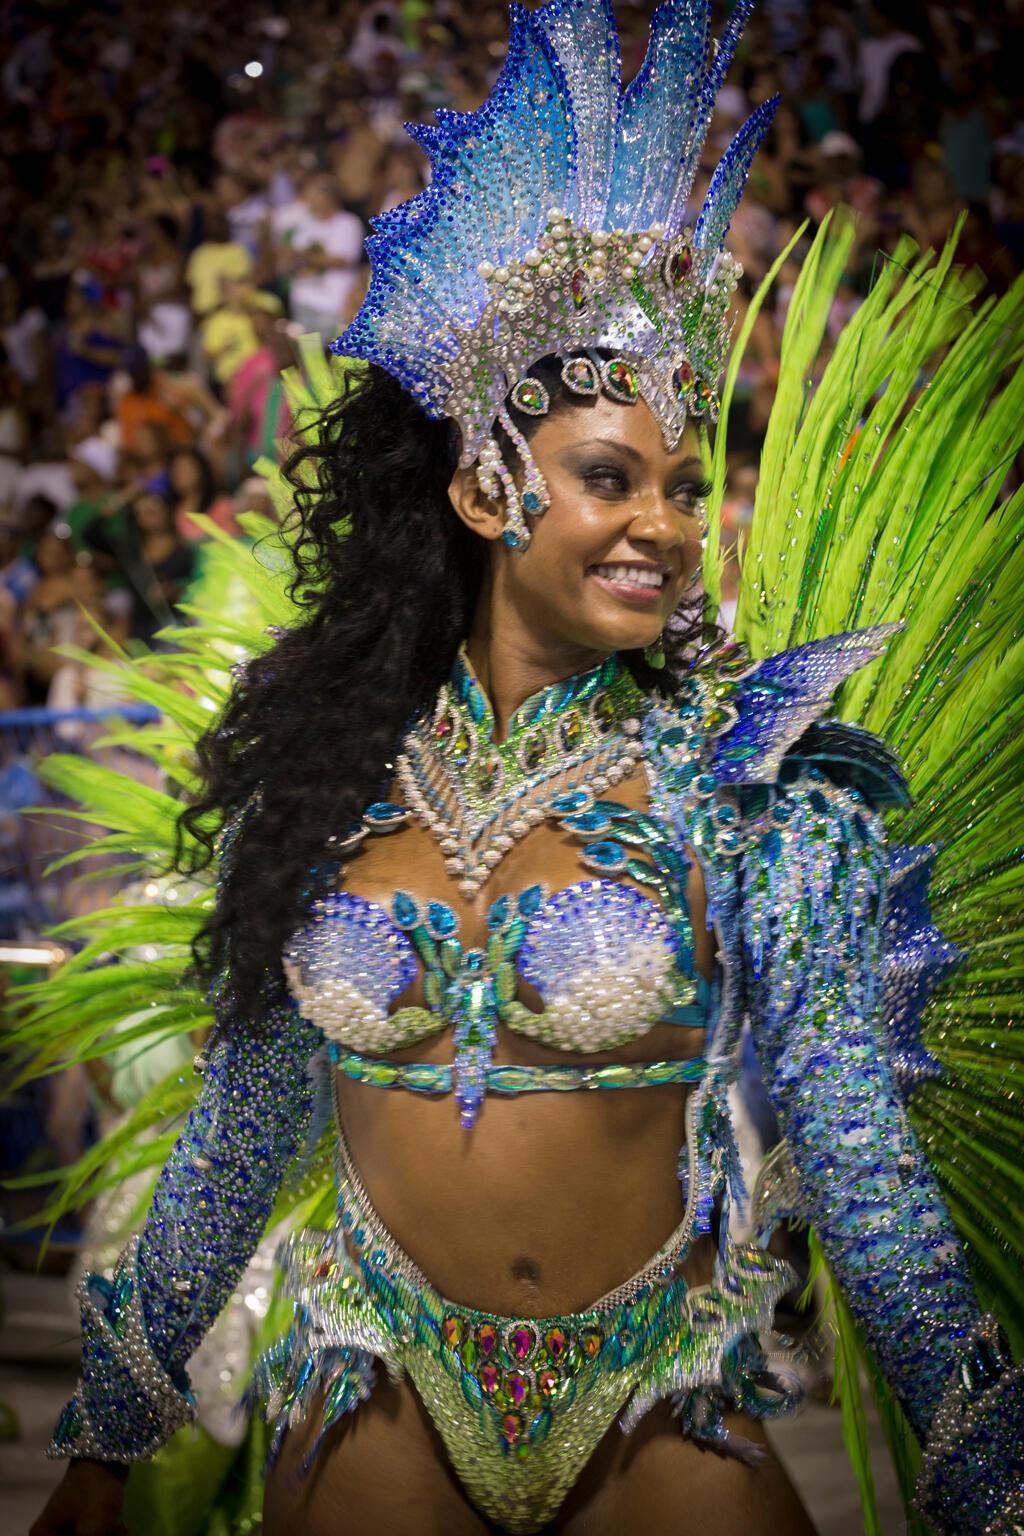 En 2017, la escuela Mocidade Independente de Padre Miguel presentó un recurso contra la votación de los jurados y después de unas semanas de contencioso fue declarada campeona del carnaval, junto a la rival Portela. (Carnaval 2017)